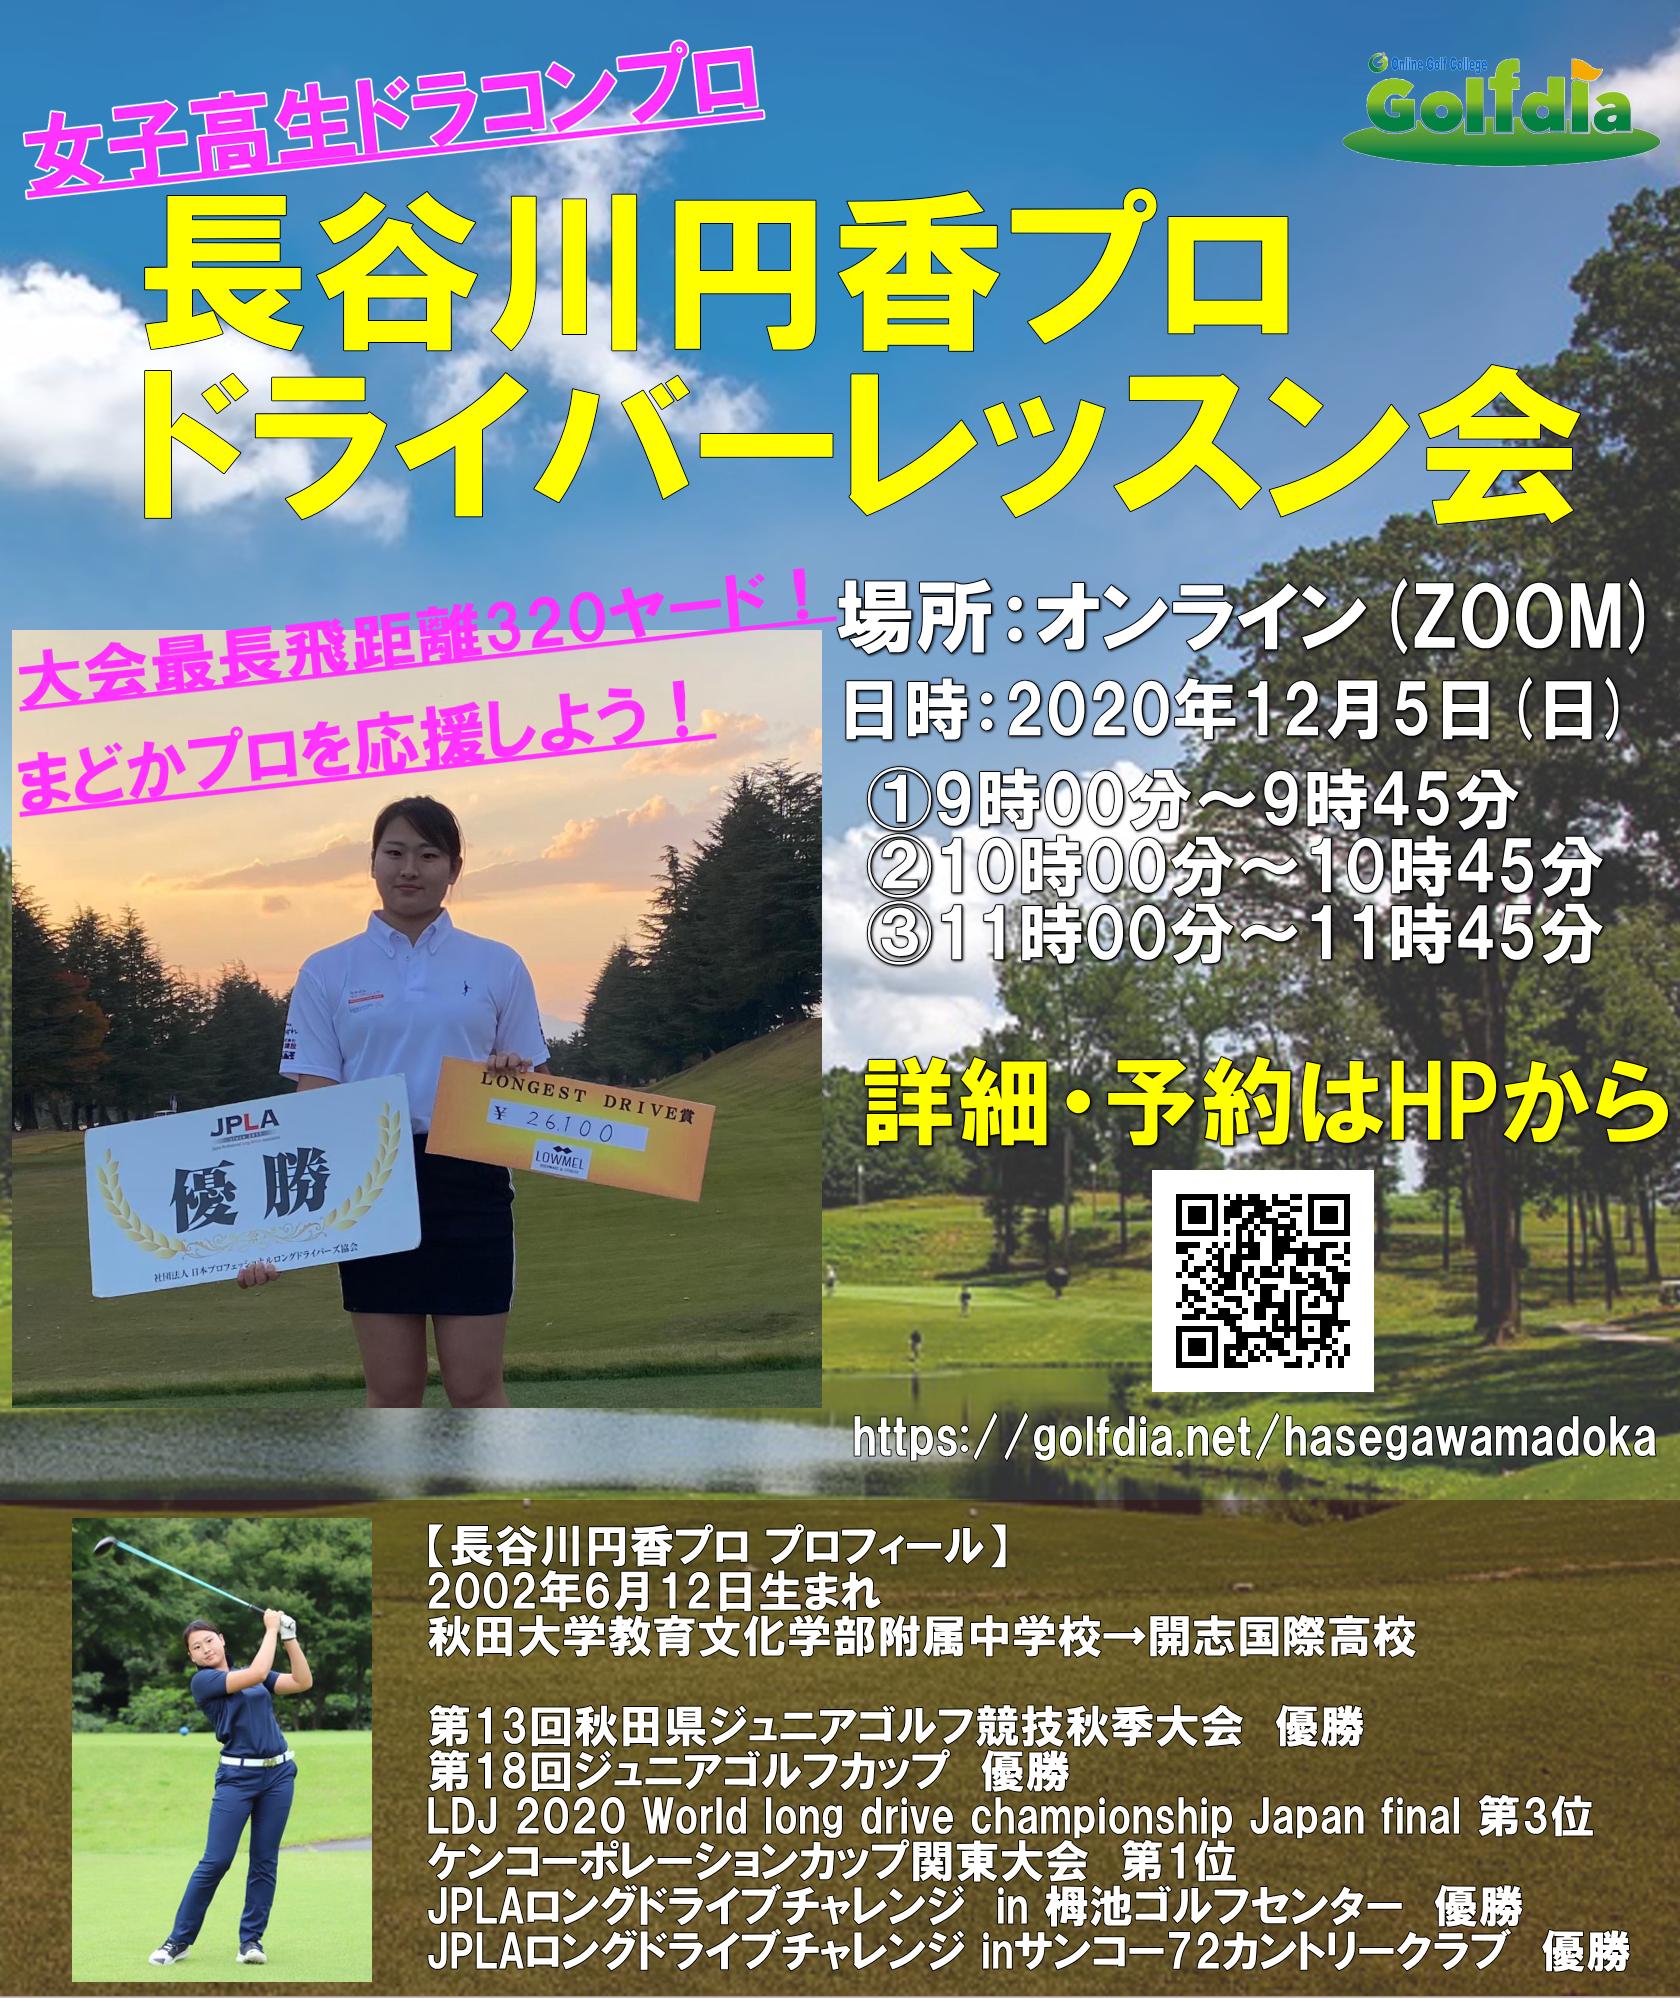 大会最長記録320ヤード! 長谷川円香プロ ドライバーレッスン会